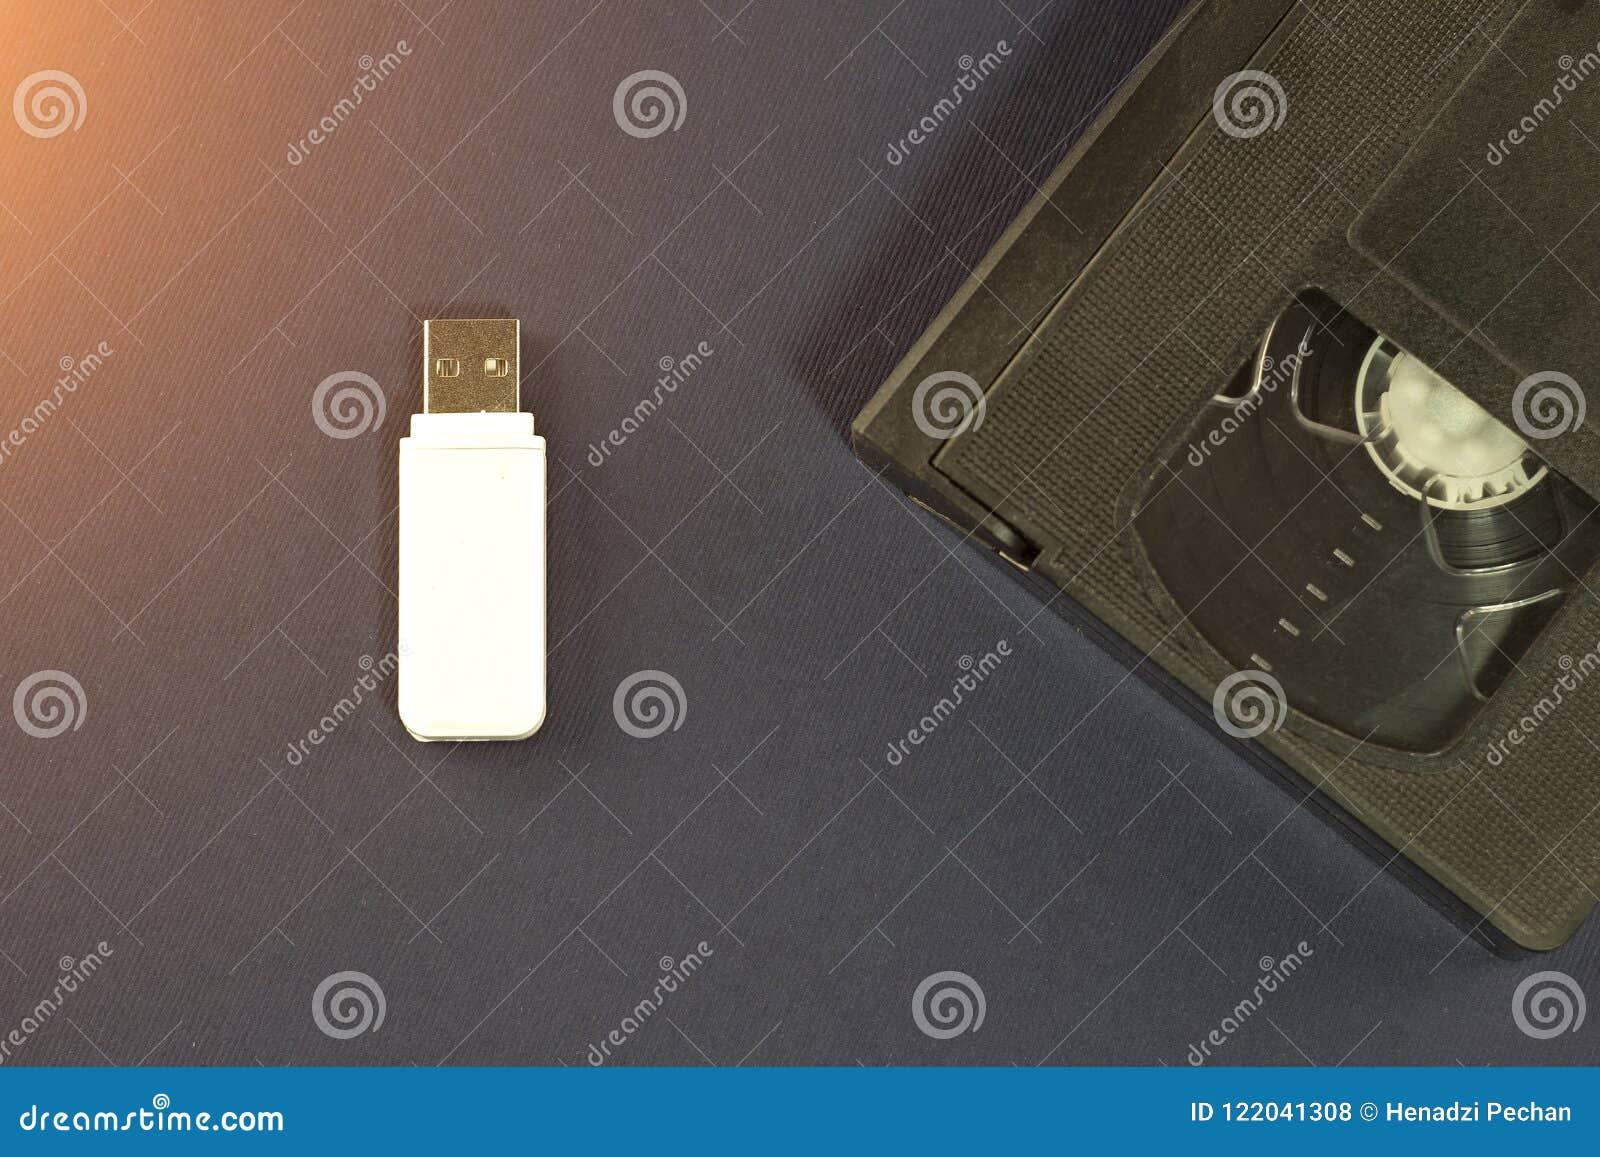 Une commande instantanée blanche sur un fond bleu et une cassette vidéo, usb